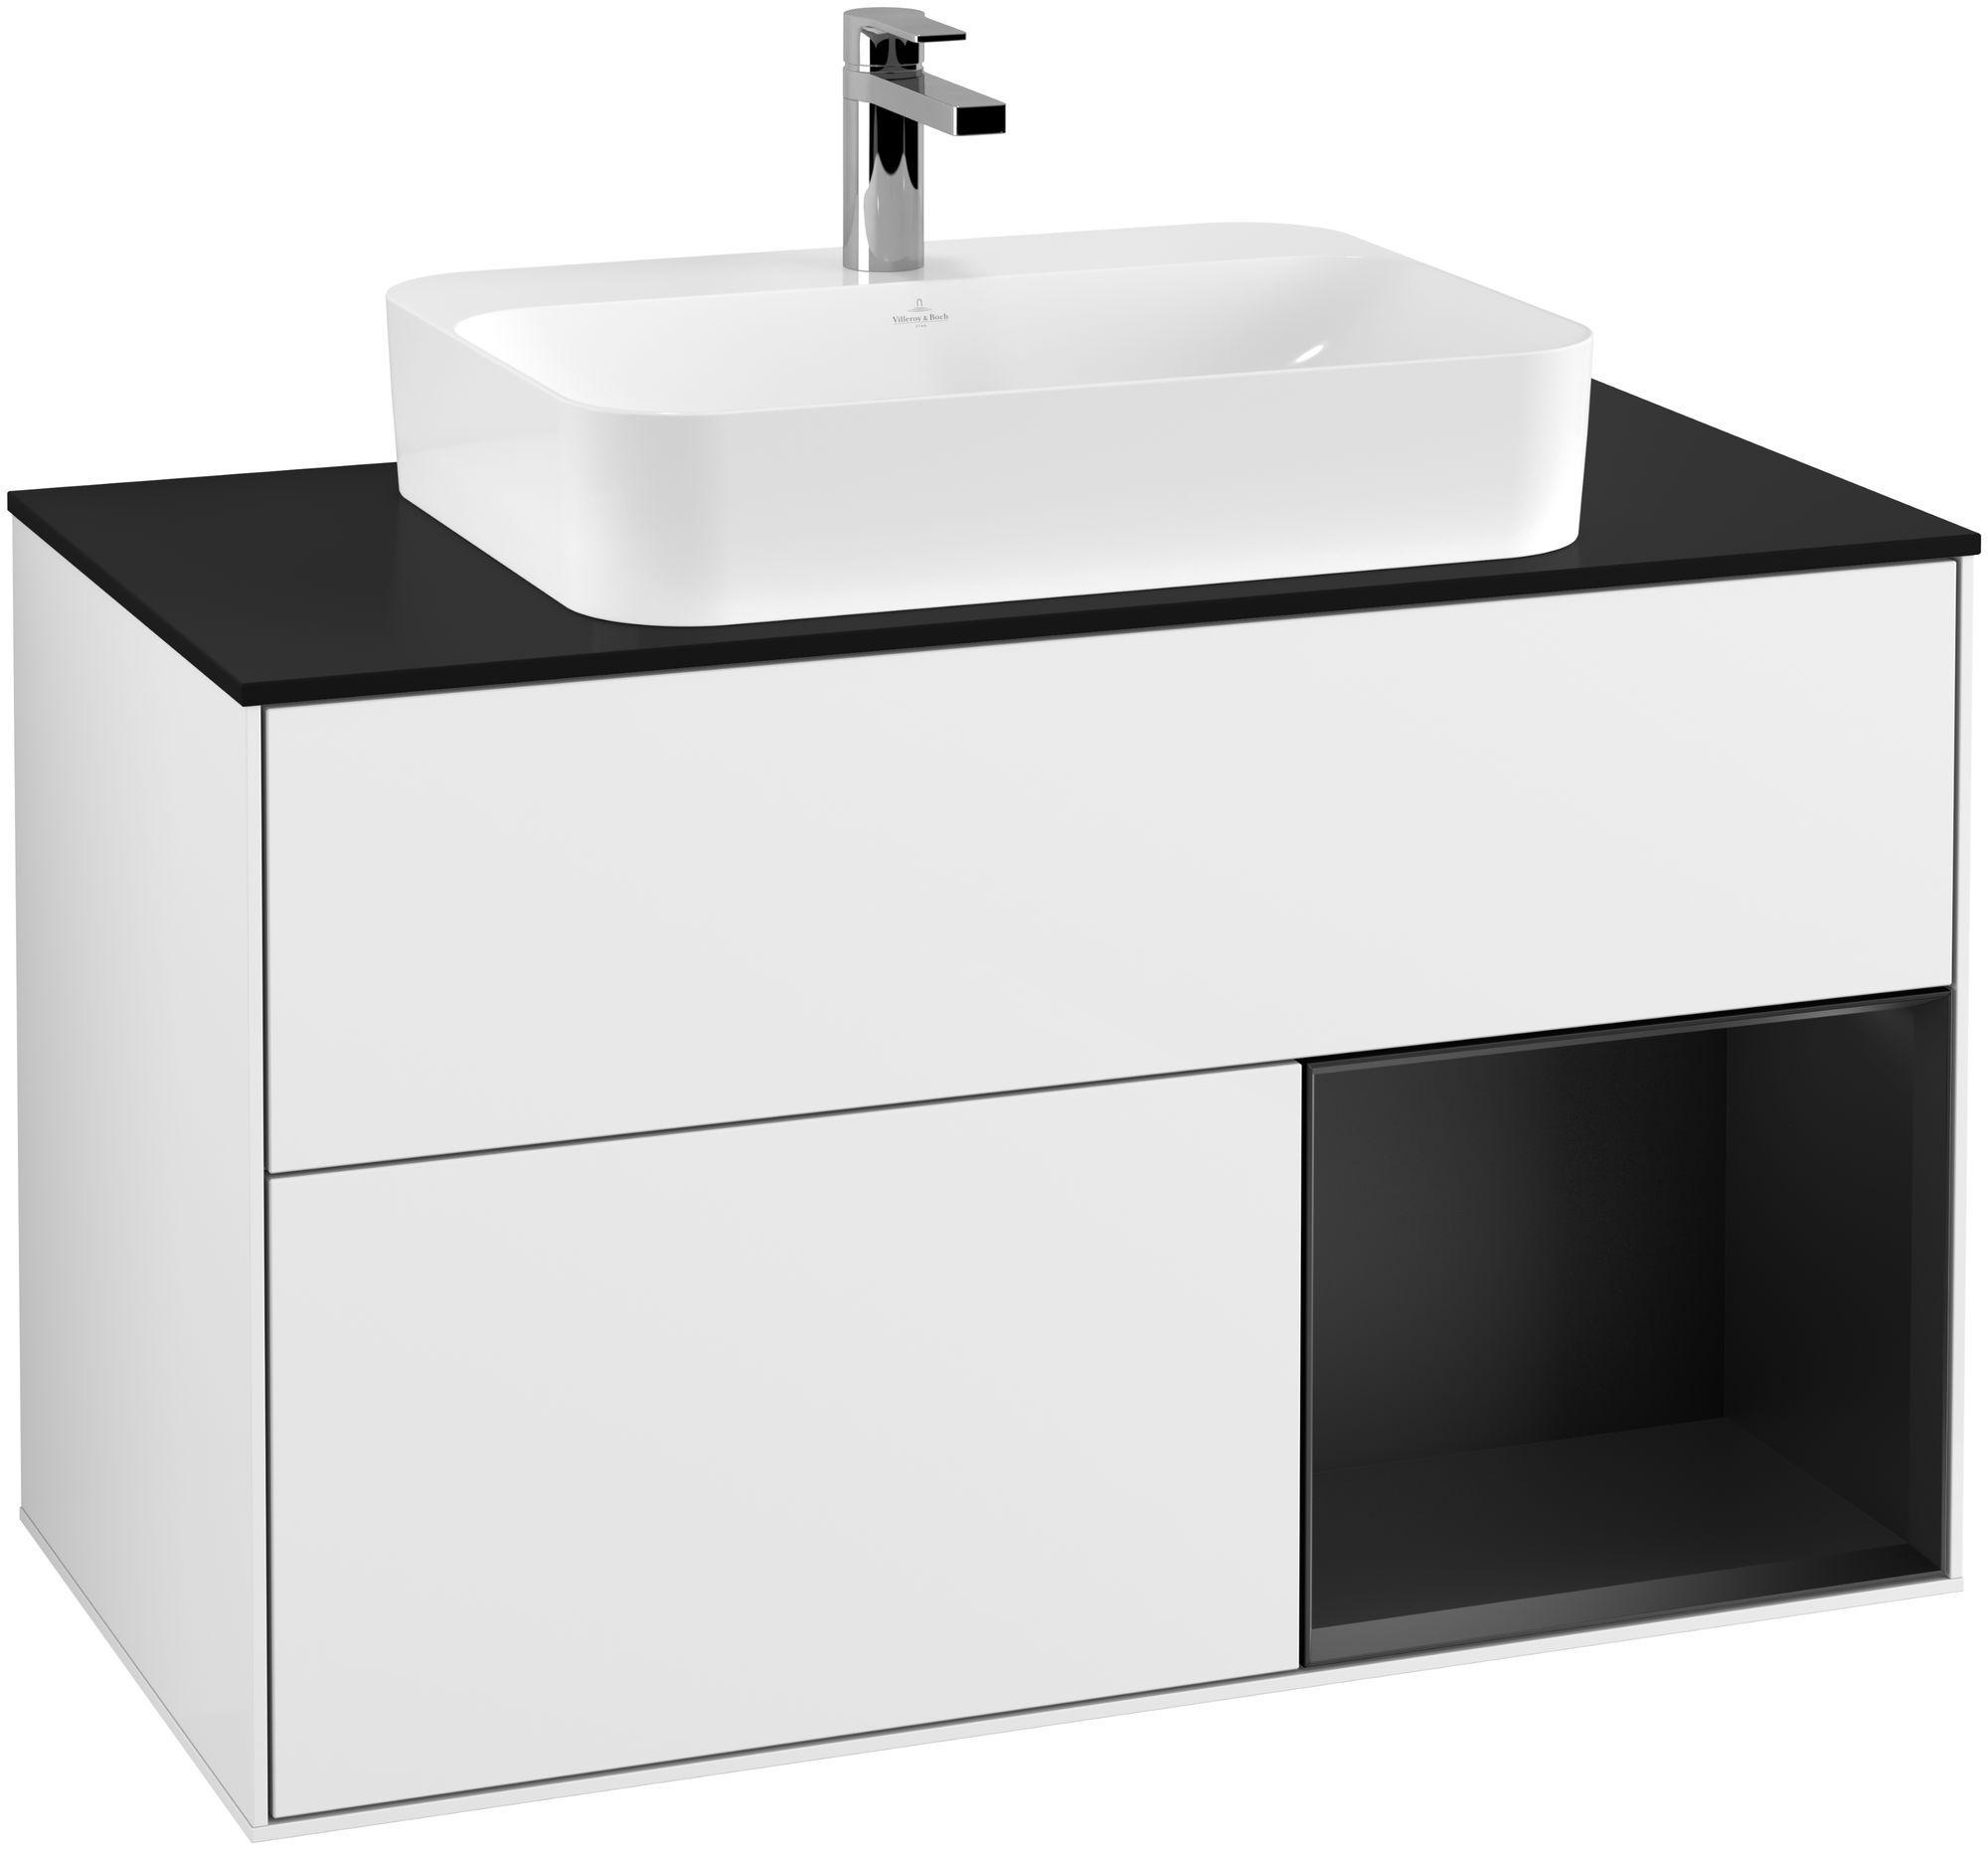 Villeroy & Boch Finion F37 Waschtischunterschrank mit Regalelement 2 Auszüge für WT mittig LED-Beleuchtung B:100xH:60,3xT:50,1cm Front, Korpus: Glossy White Lack, Regal: Black Matt Lacquer, Glasplatte: Black Matt F372PDGF